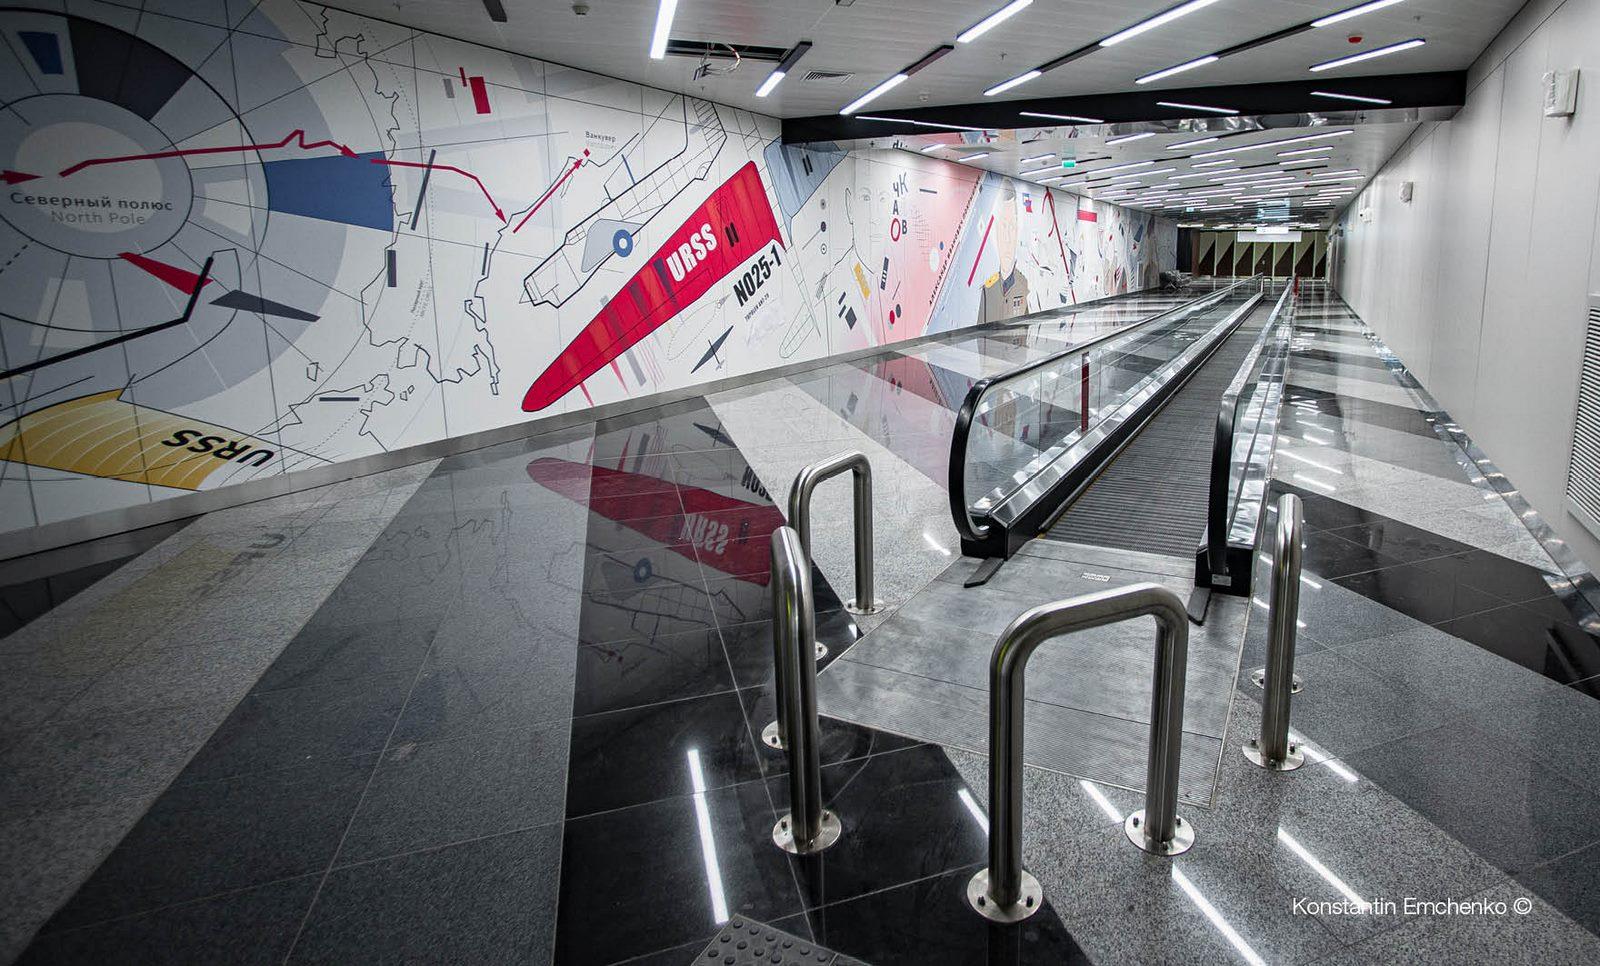 La historia y cultura rusa reflejada en el Aeropuerto de Moscú 7